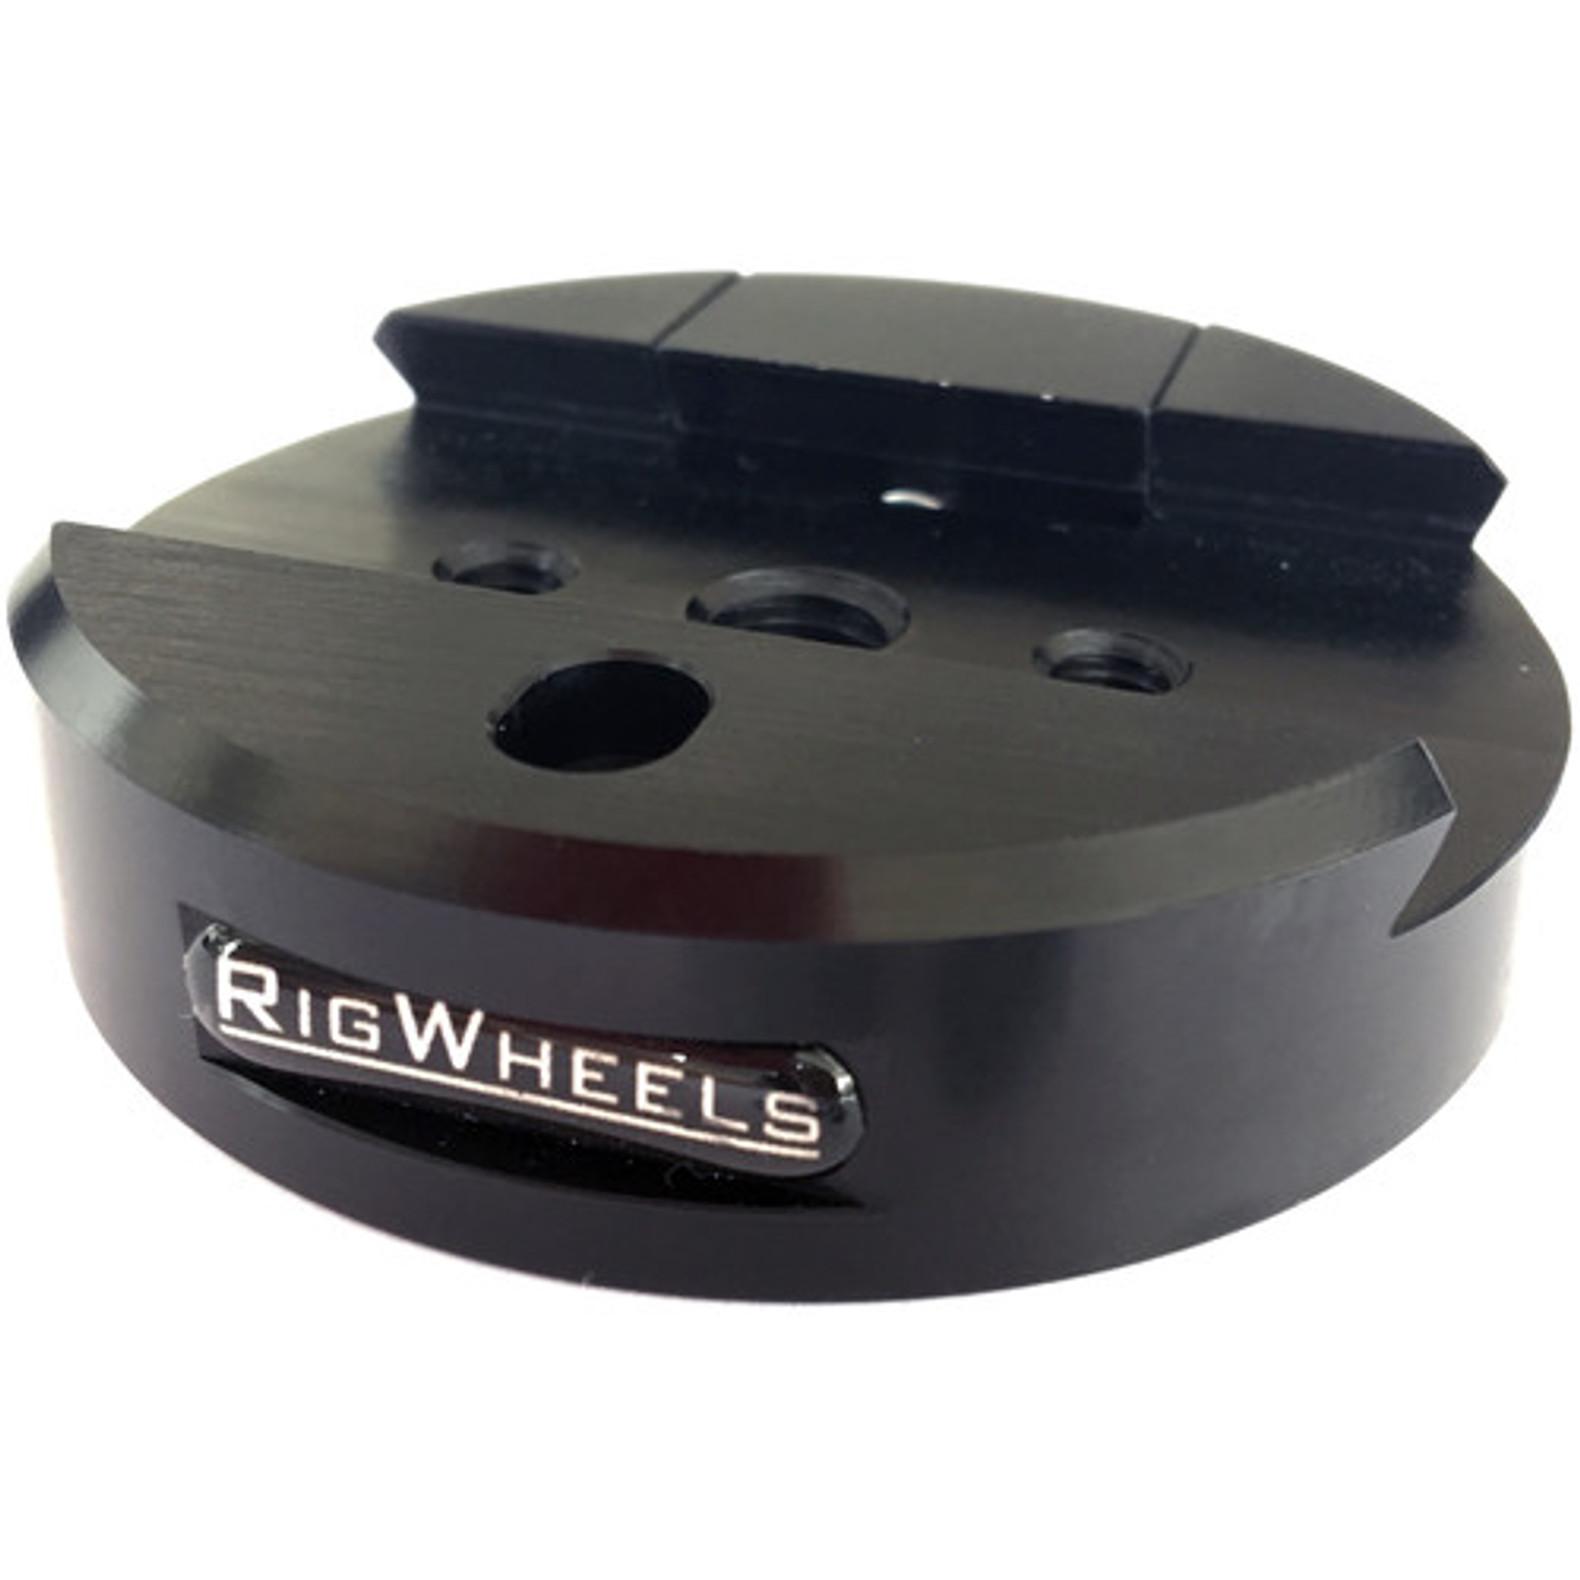 RigWheels Rig Plate